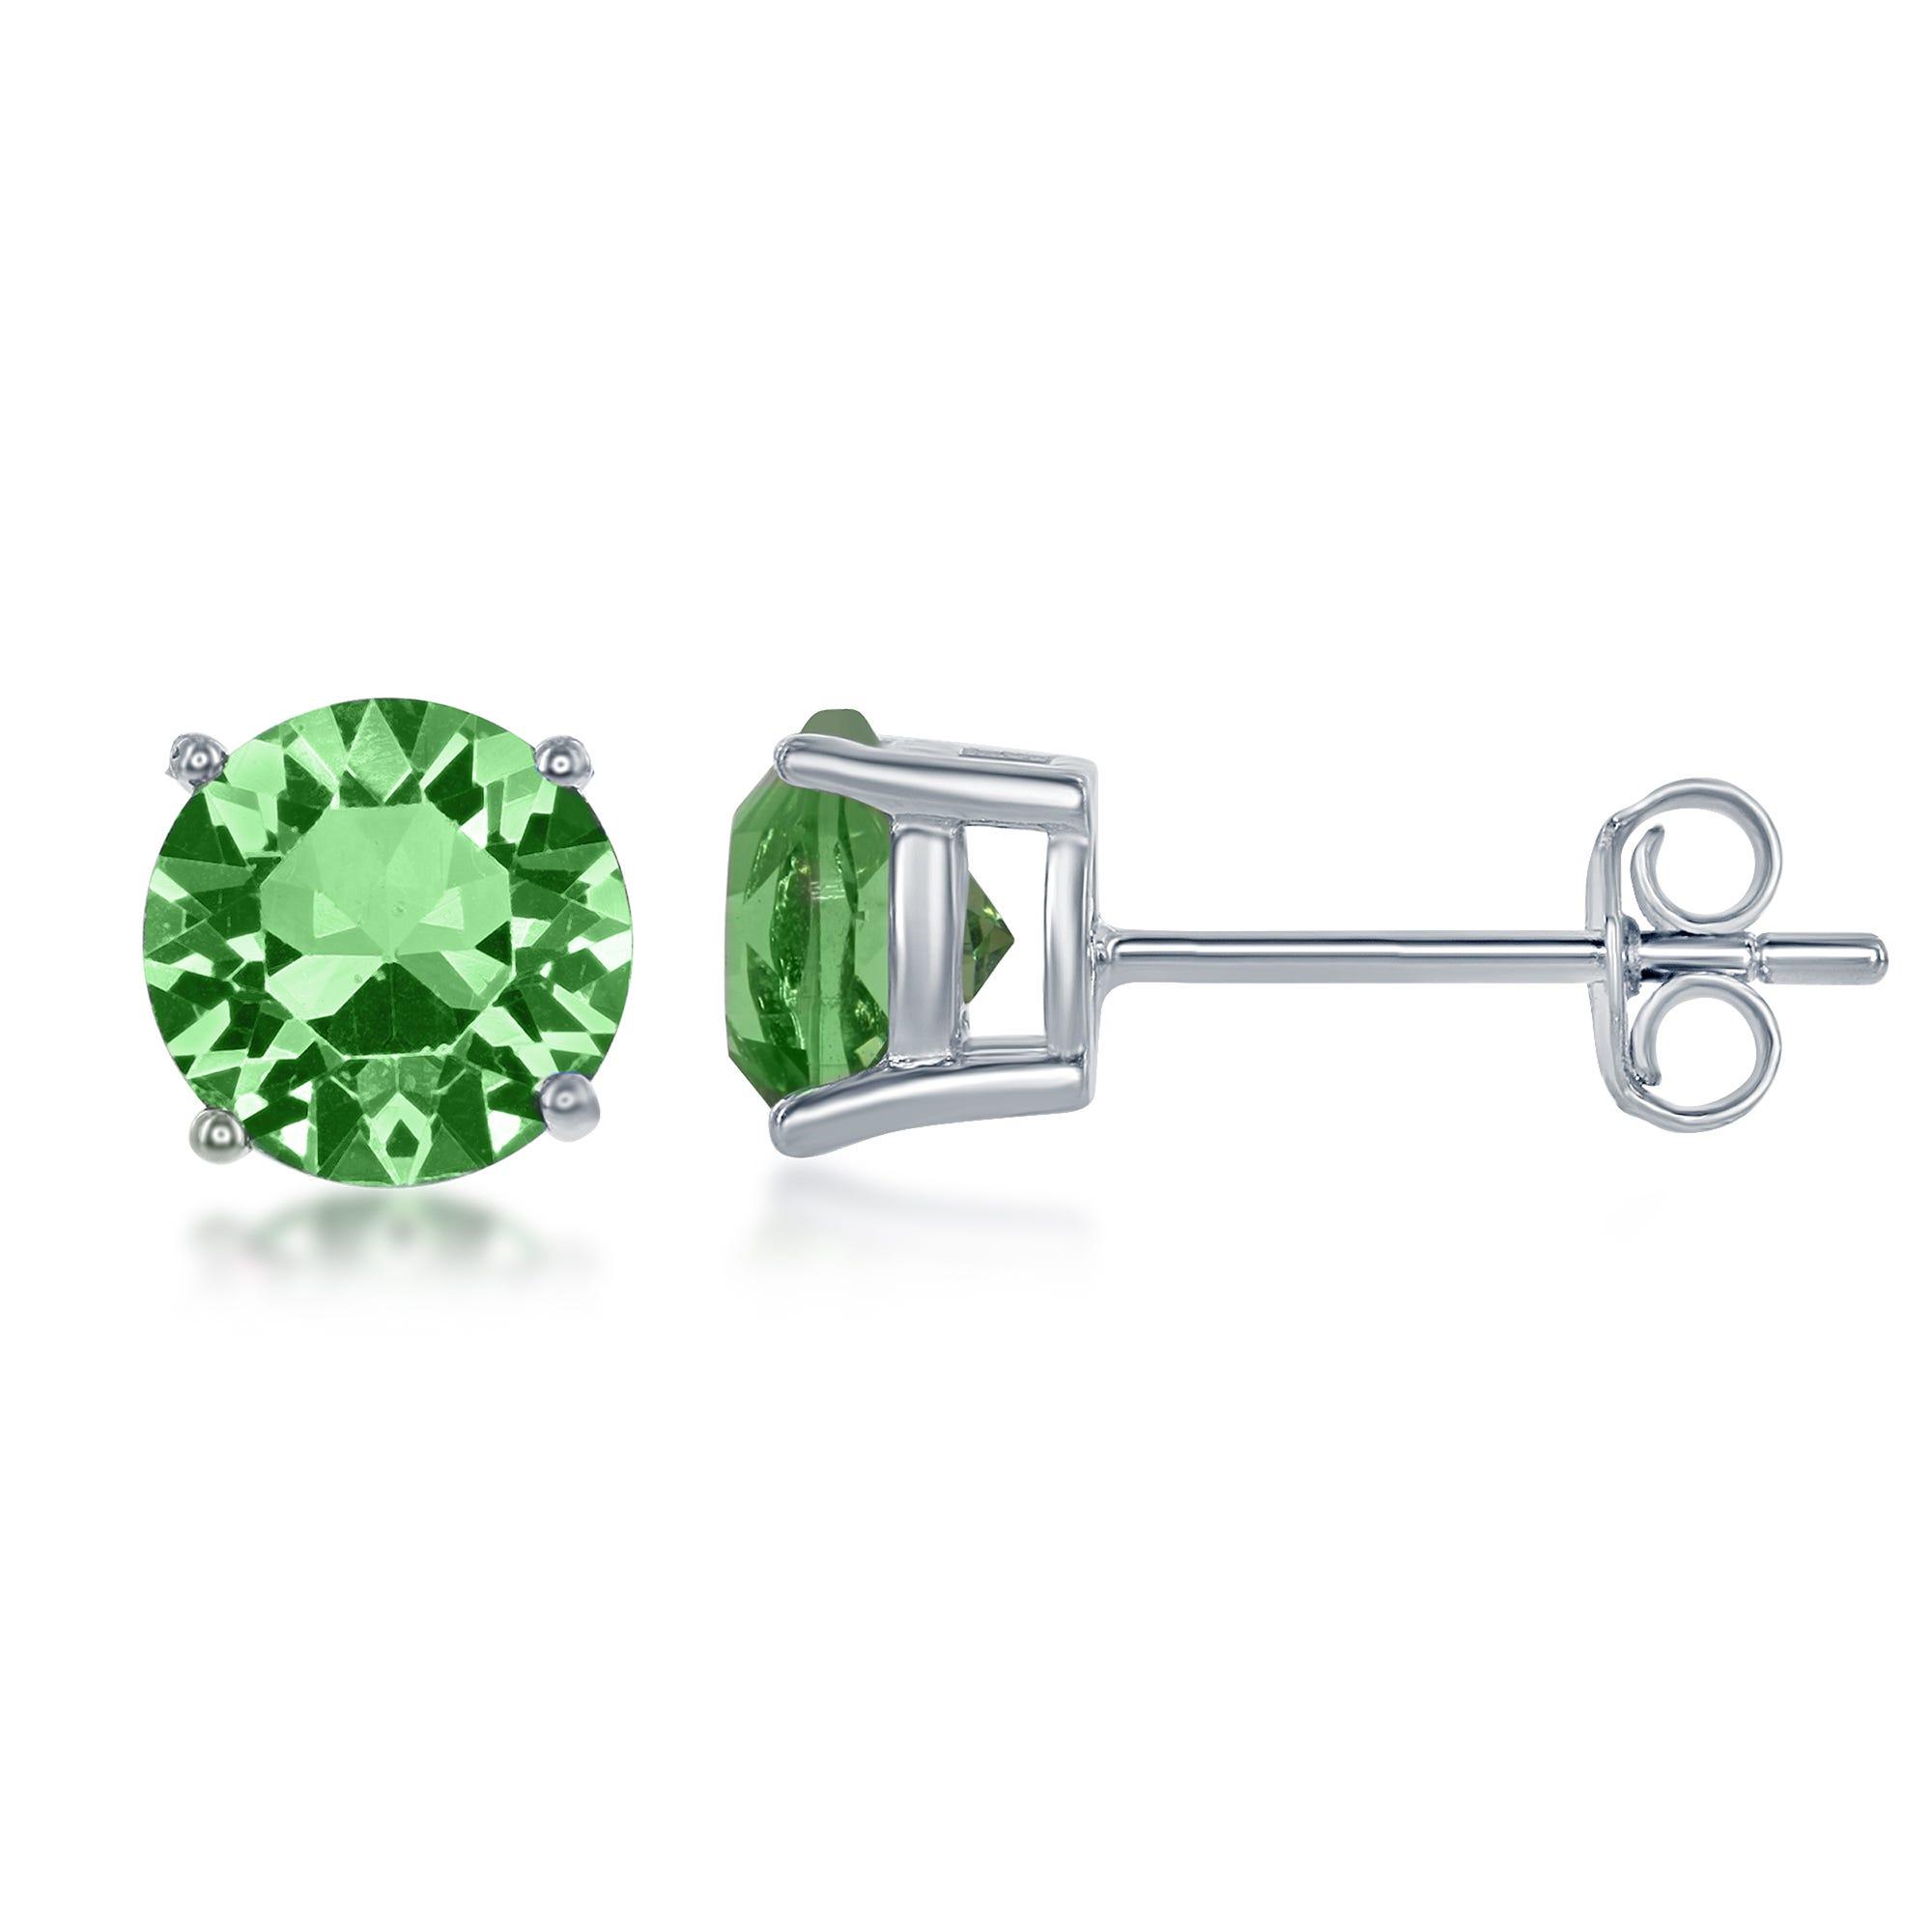 August Swarovski Crystal Earrings in Sterling Silver